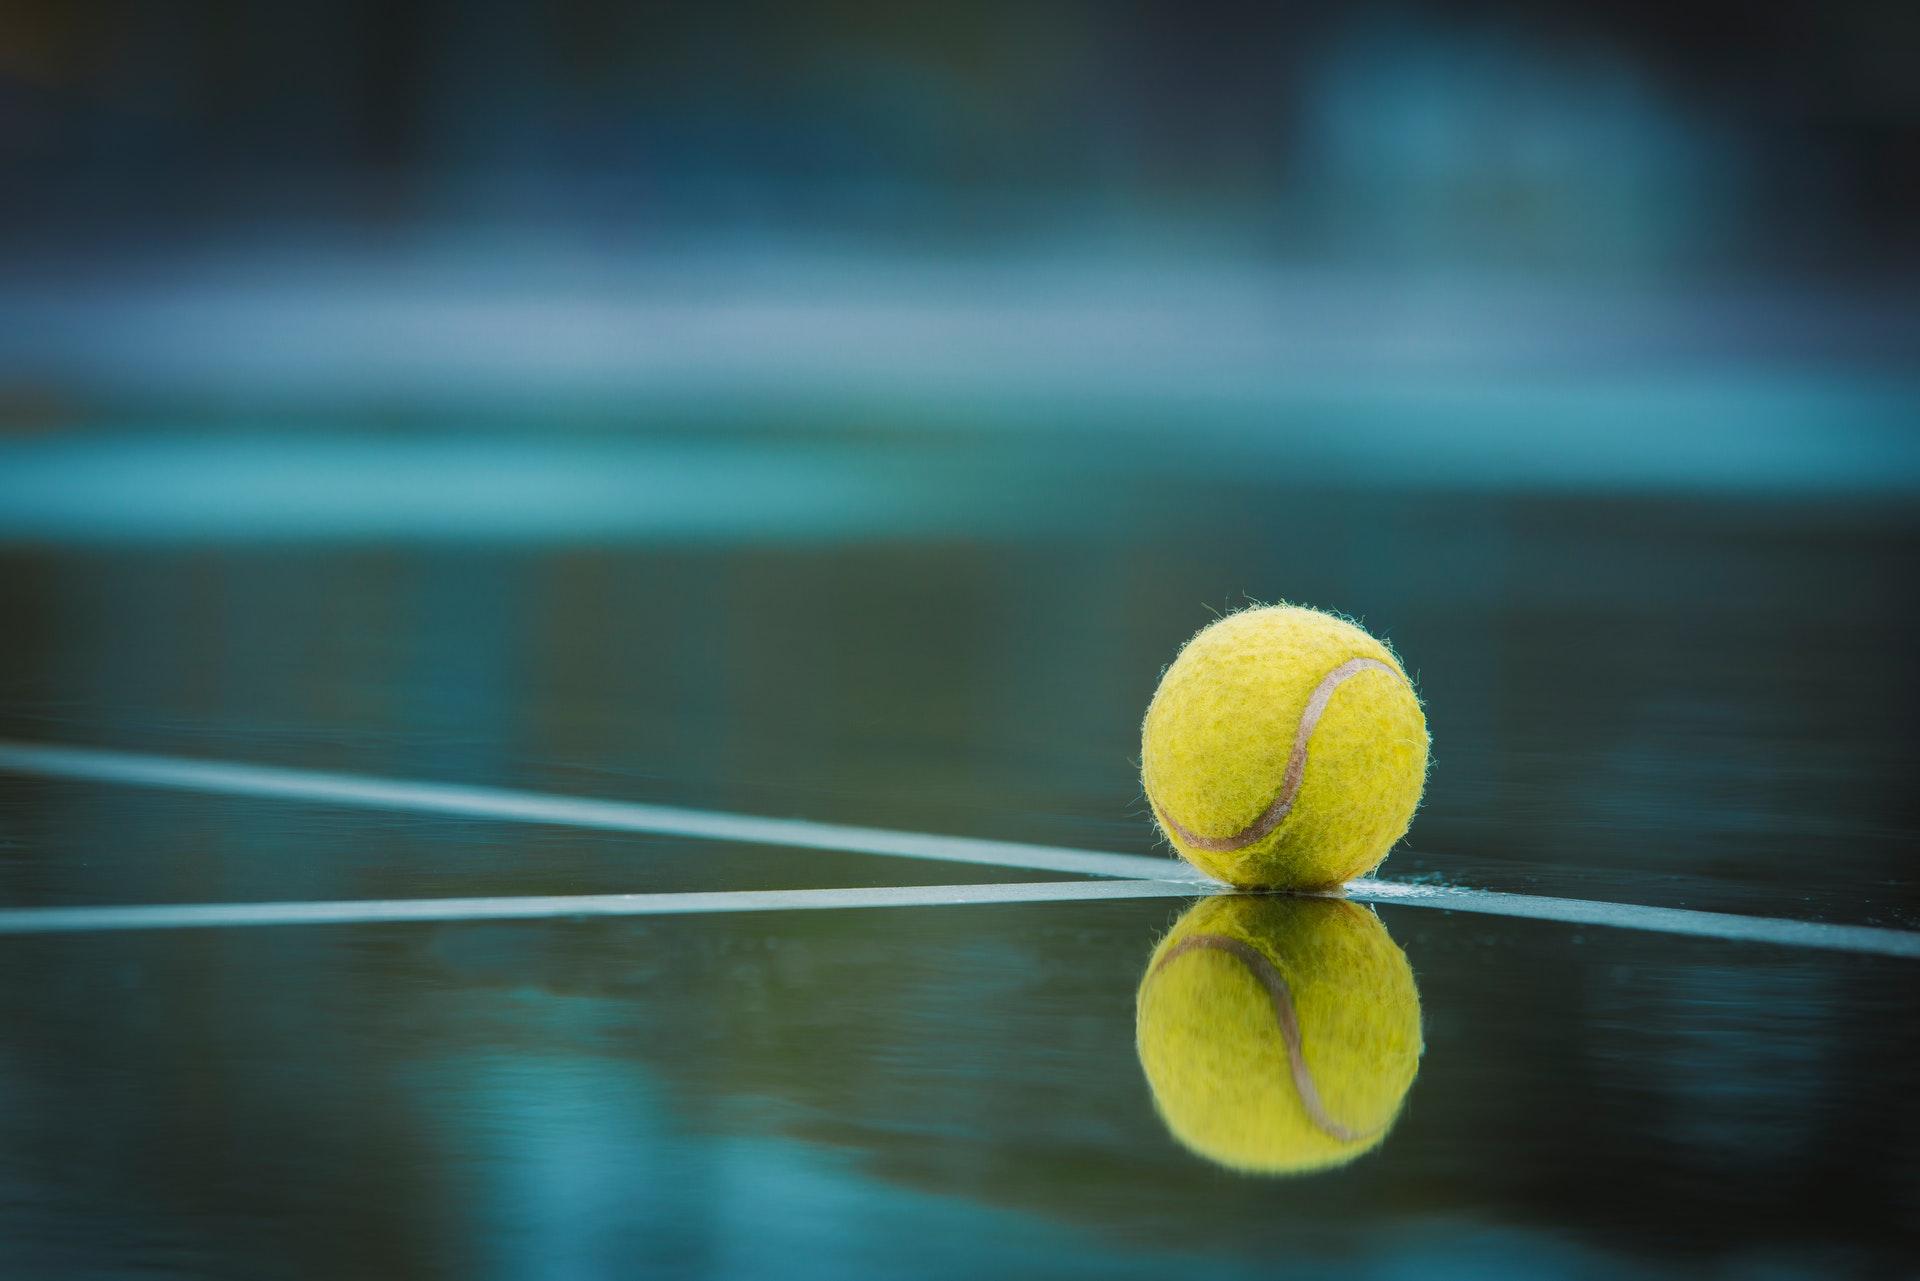 crédit image creative common : https://www.pexels.com/fr-fr/photo/arrondir-balle-balle-de-tennis-equipement-sportif-2352372/